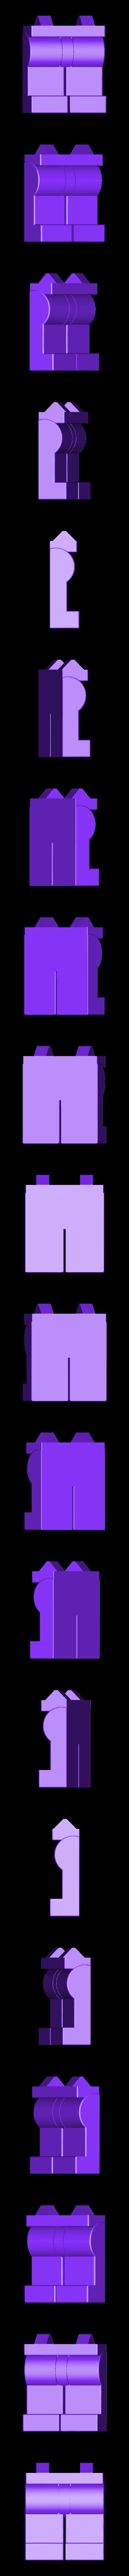 Vador_jambes.stl Télécharger fichier STL gratuit Dark Vador géant Porte-légo en papier toilette • Design à imprimer en 3D, laurentpruvot59